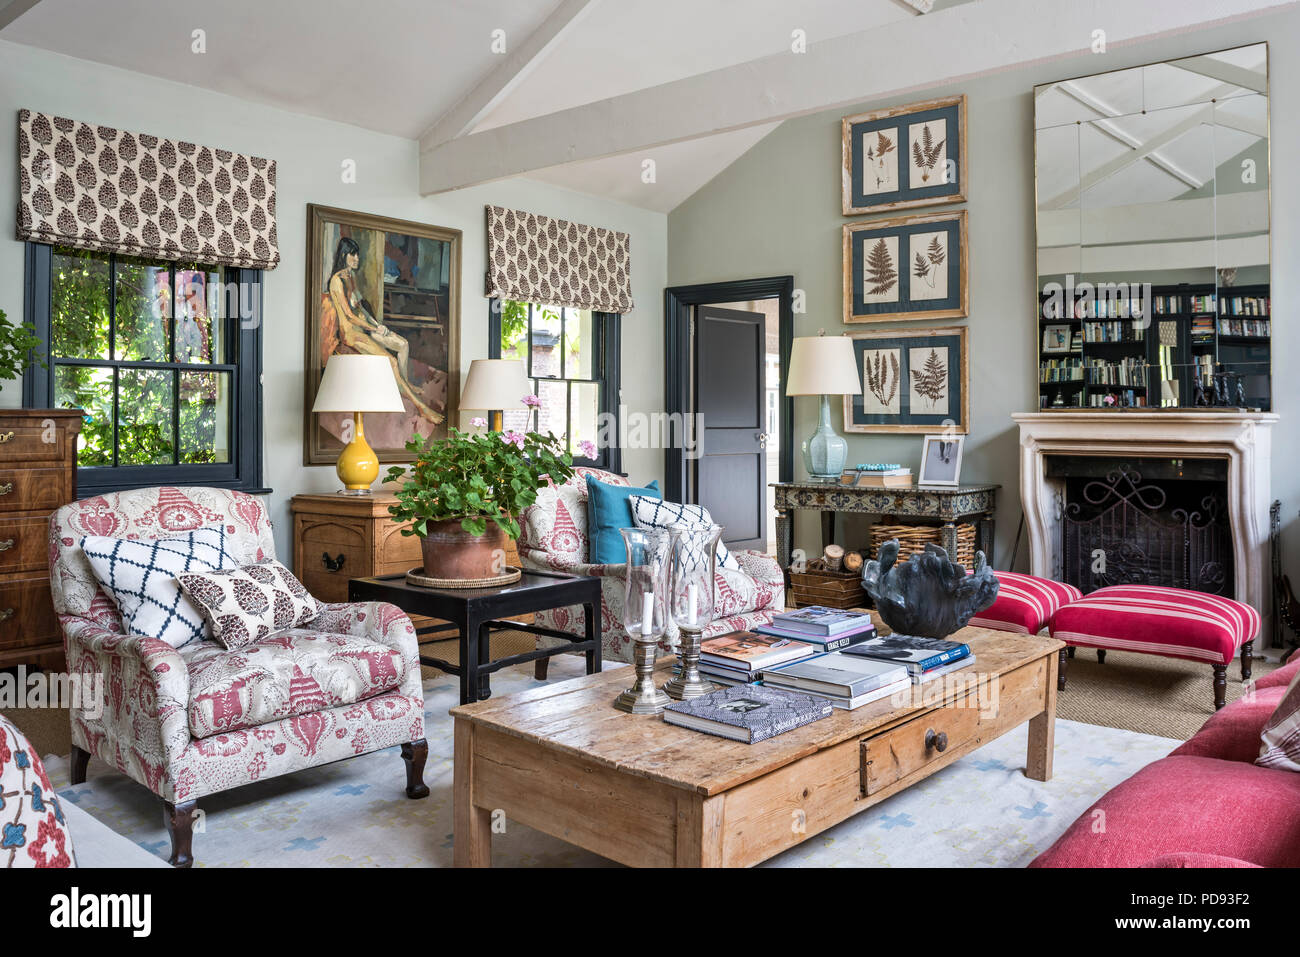 Sitzecke Im Wohnzimmer Mit Einem Paar Original Howard Stuhle In Einem Claremont Stoff Alessandro Gepolstert Und Ein 3er Sofa In Colefax Und Fowle Stockfotografie Alamy